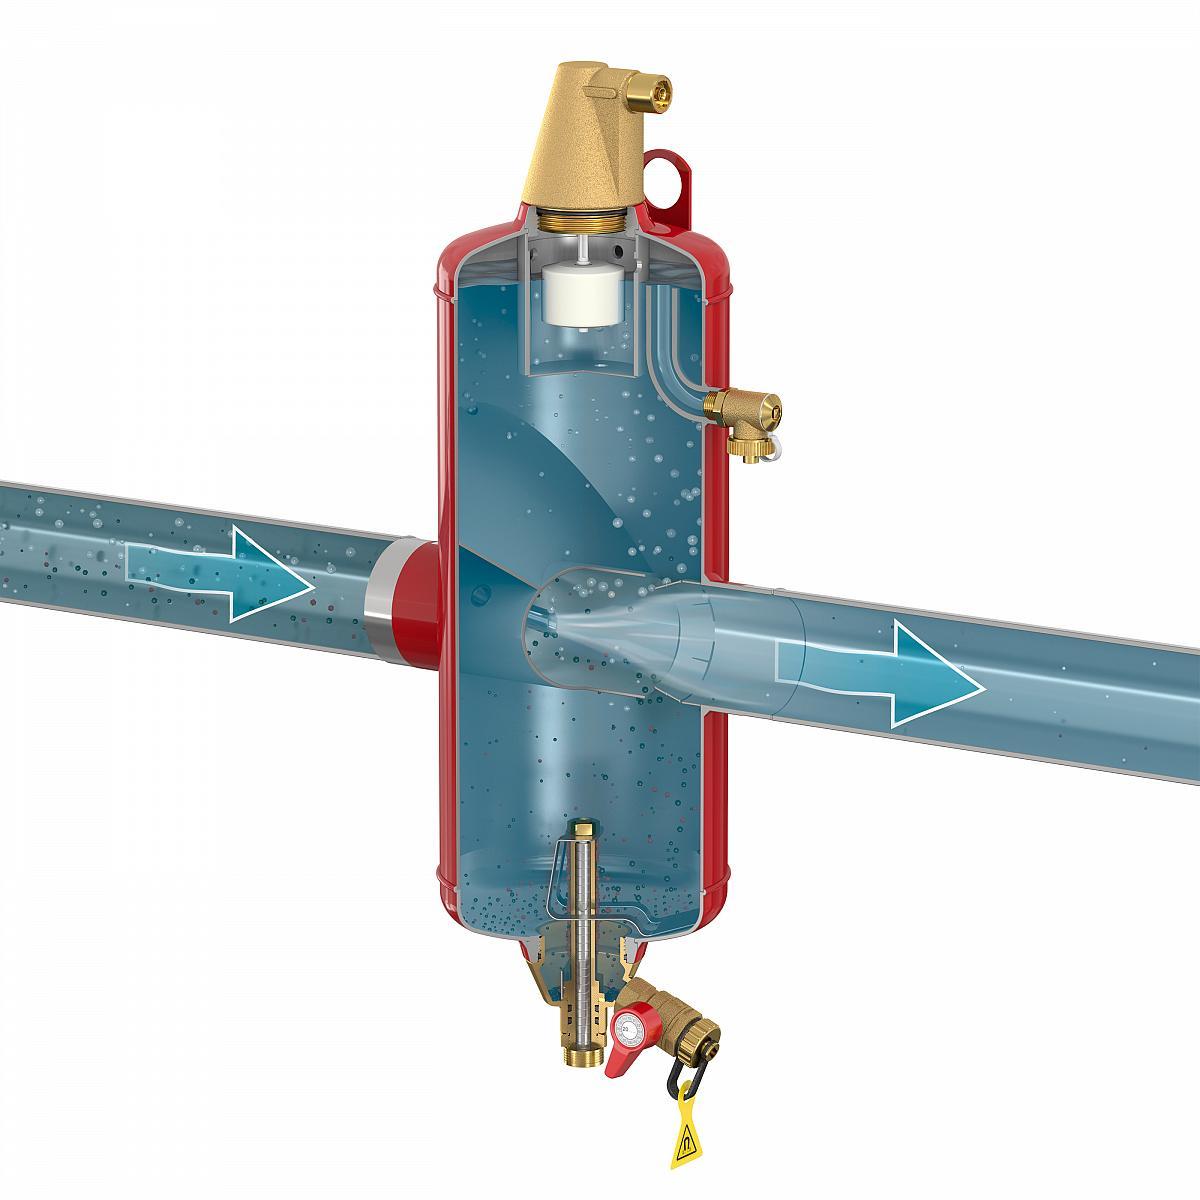 Удаление воздуха из системы отопления - всё об отоплении и кондиционировании